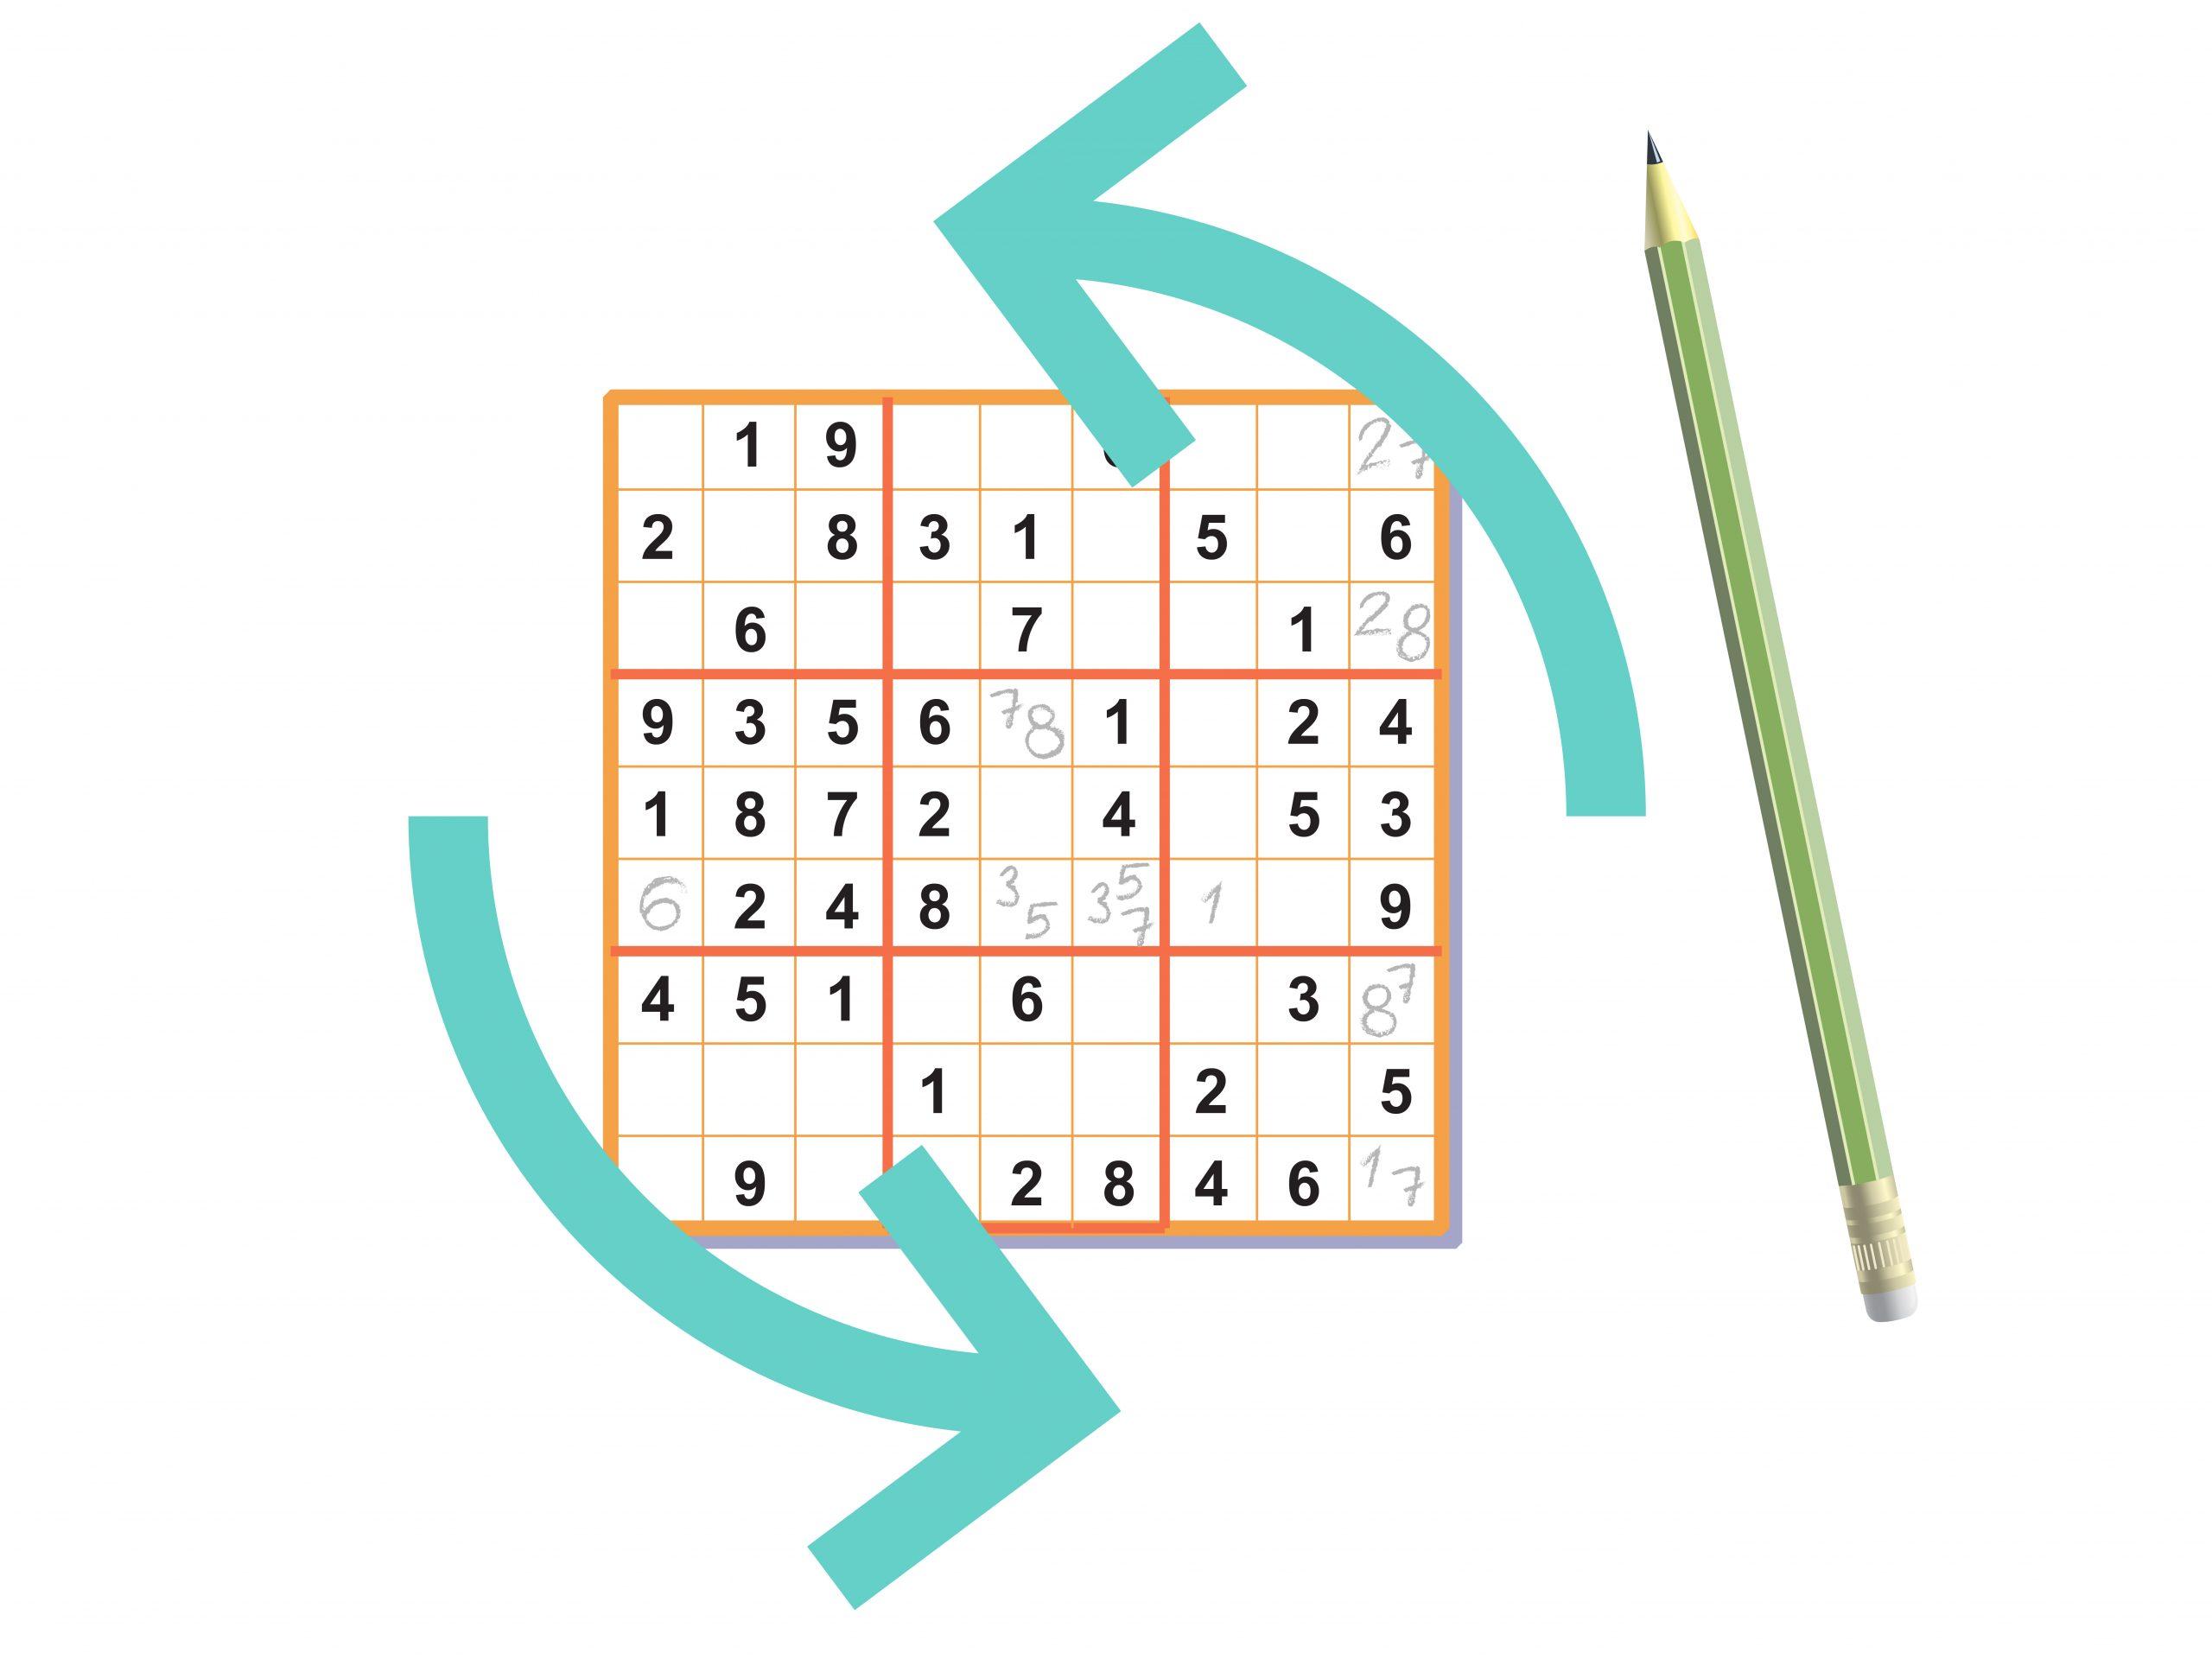 3 Manières De Réussir Un Sudoku - Wikihow encequiconcerne Comment Jouer Sudoku